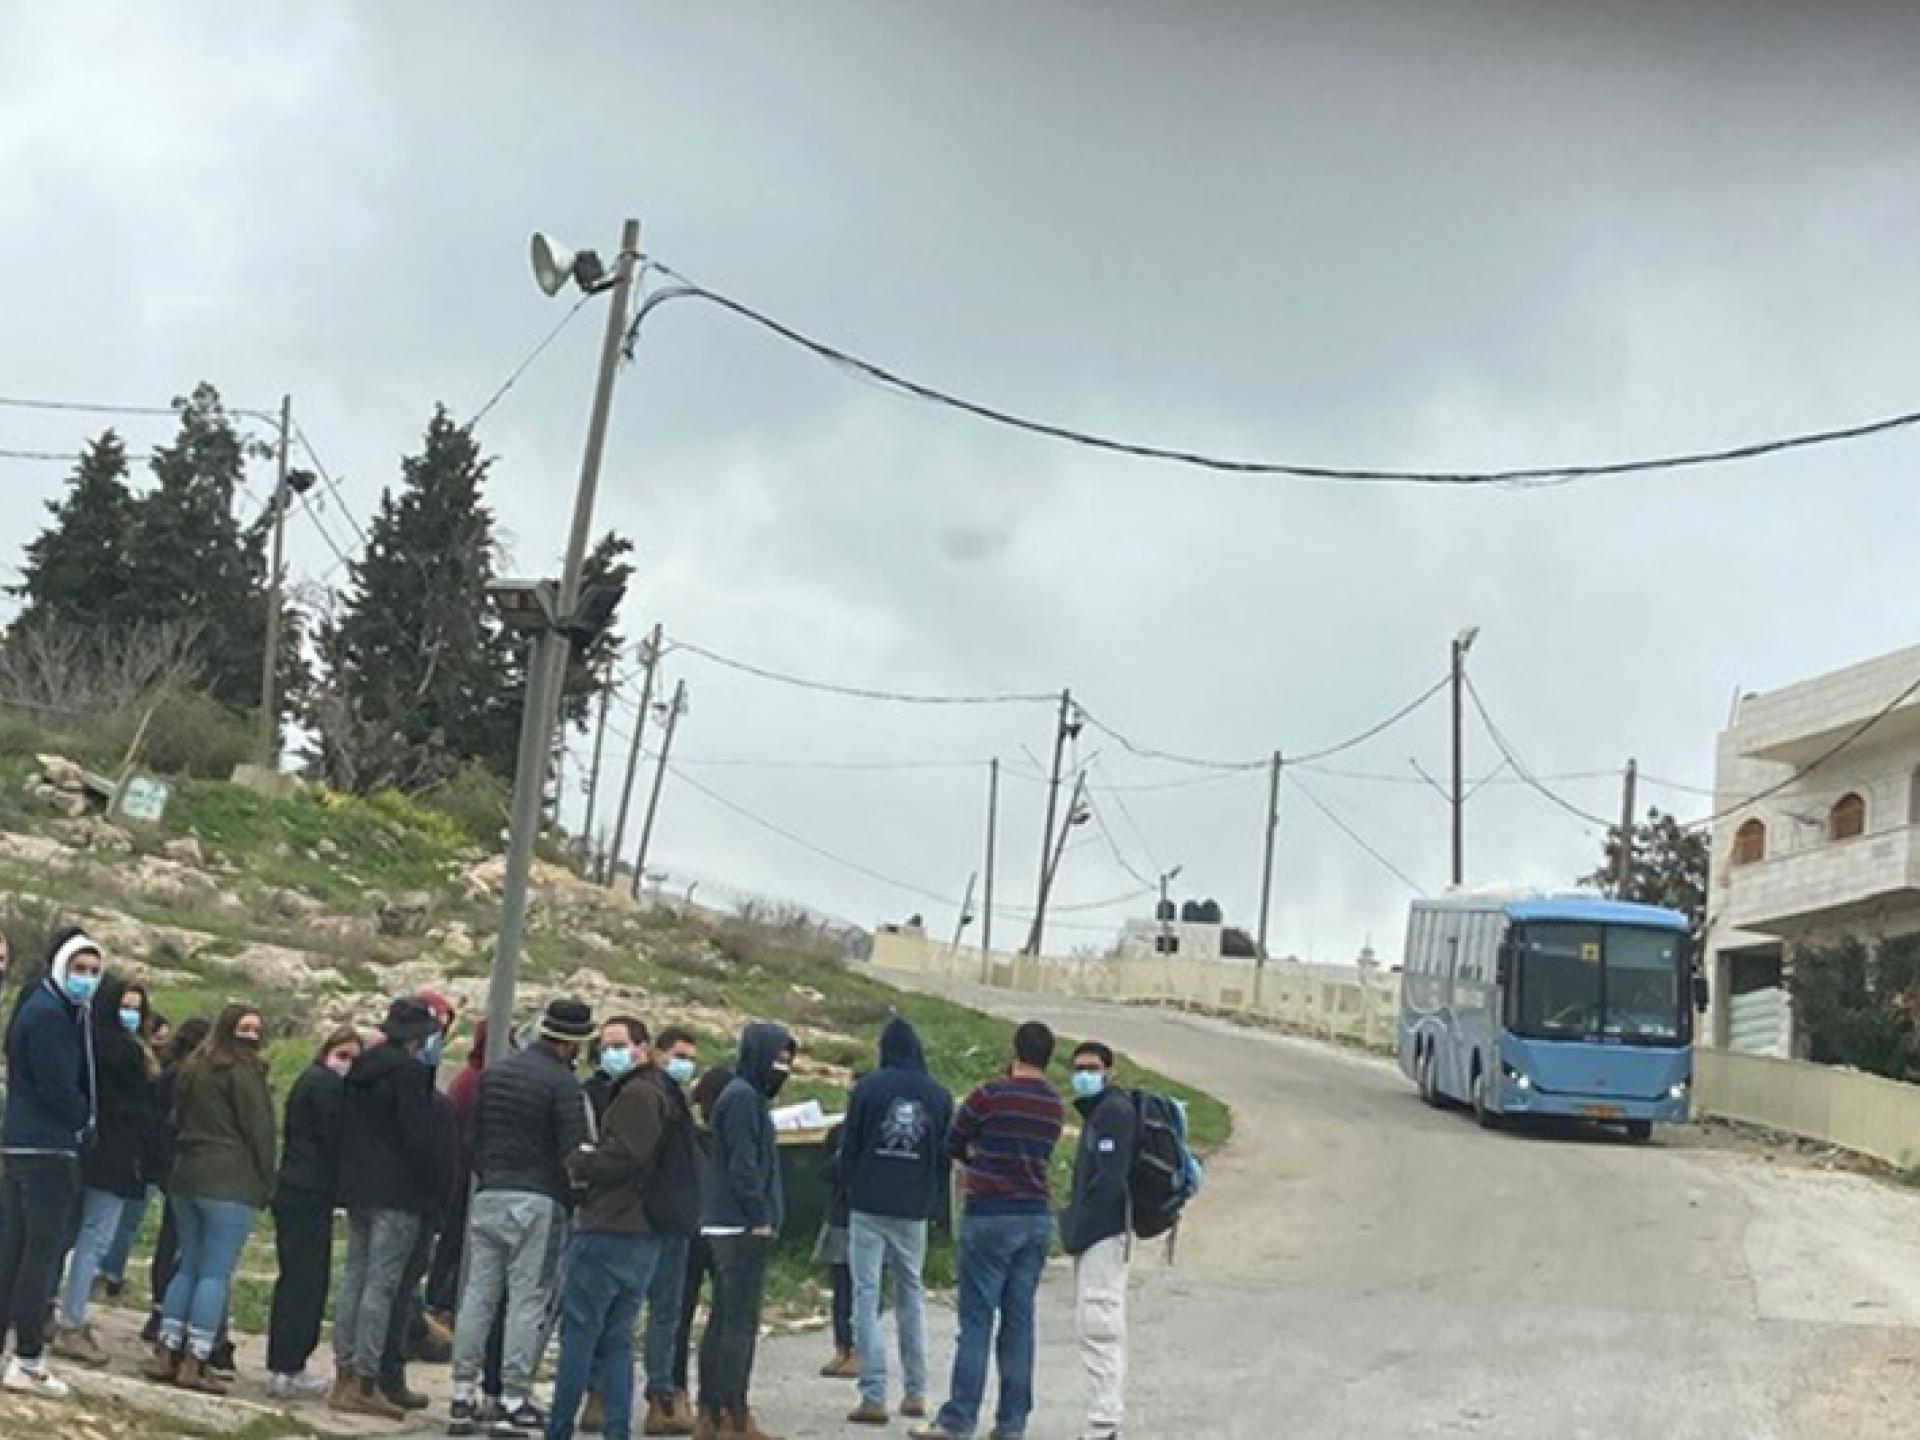 קבוצת תלמידים עומדיל על כביש ומקבלים הסברים